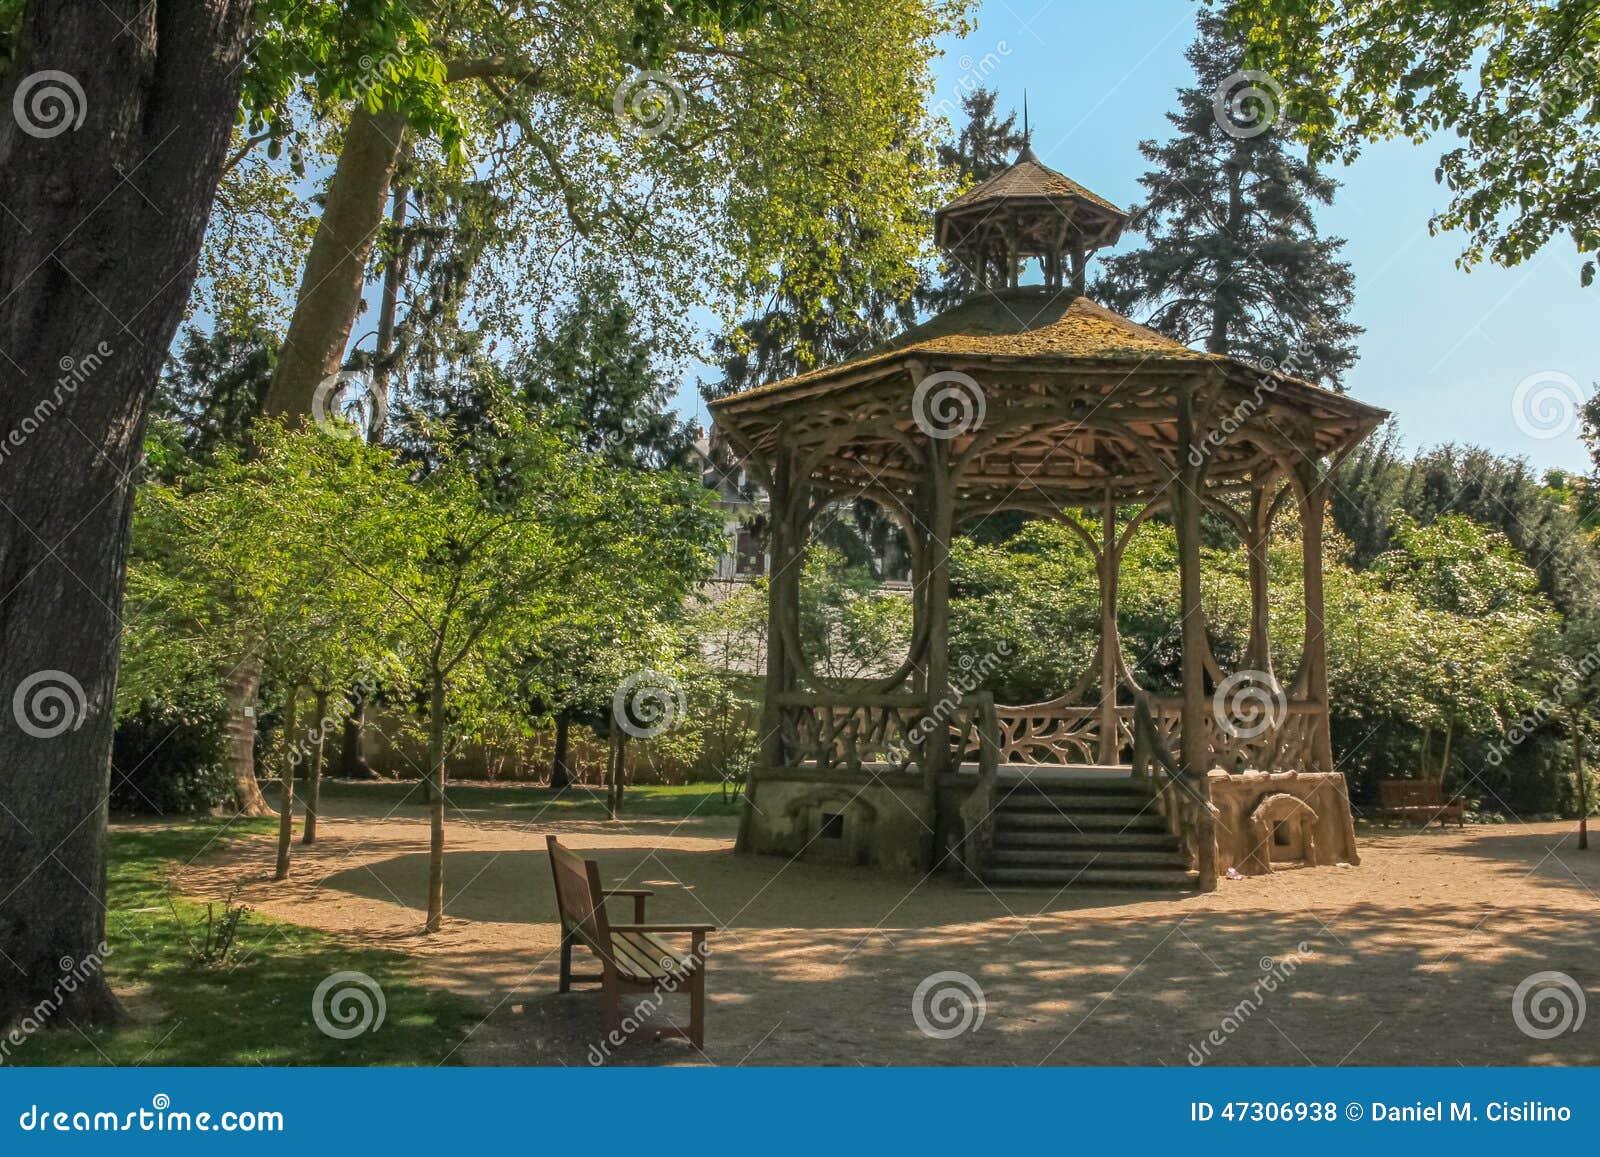 Gazebo At Mirabeau Park Tours France Stock Photo Image